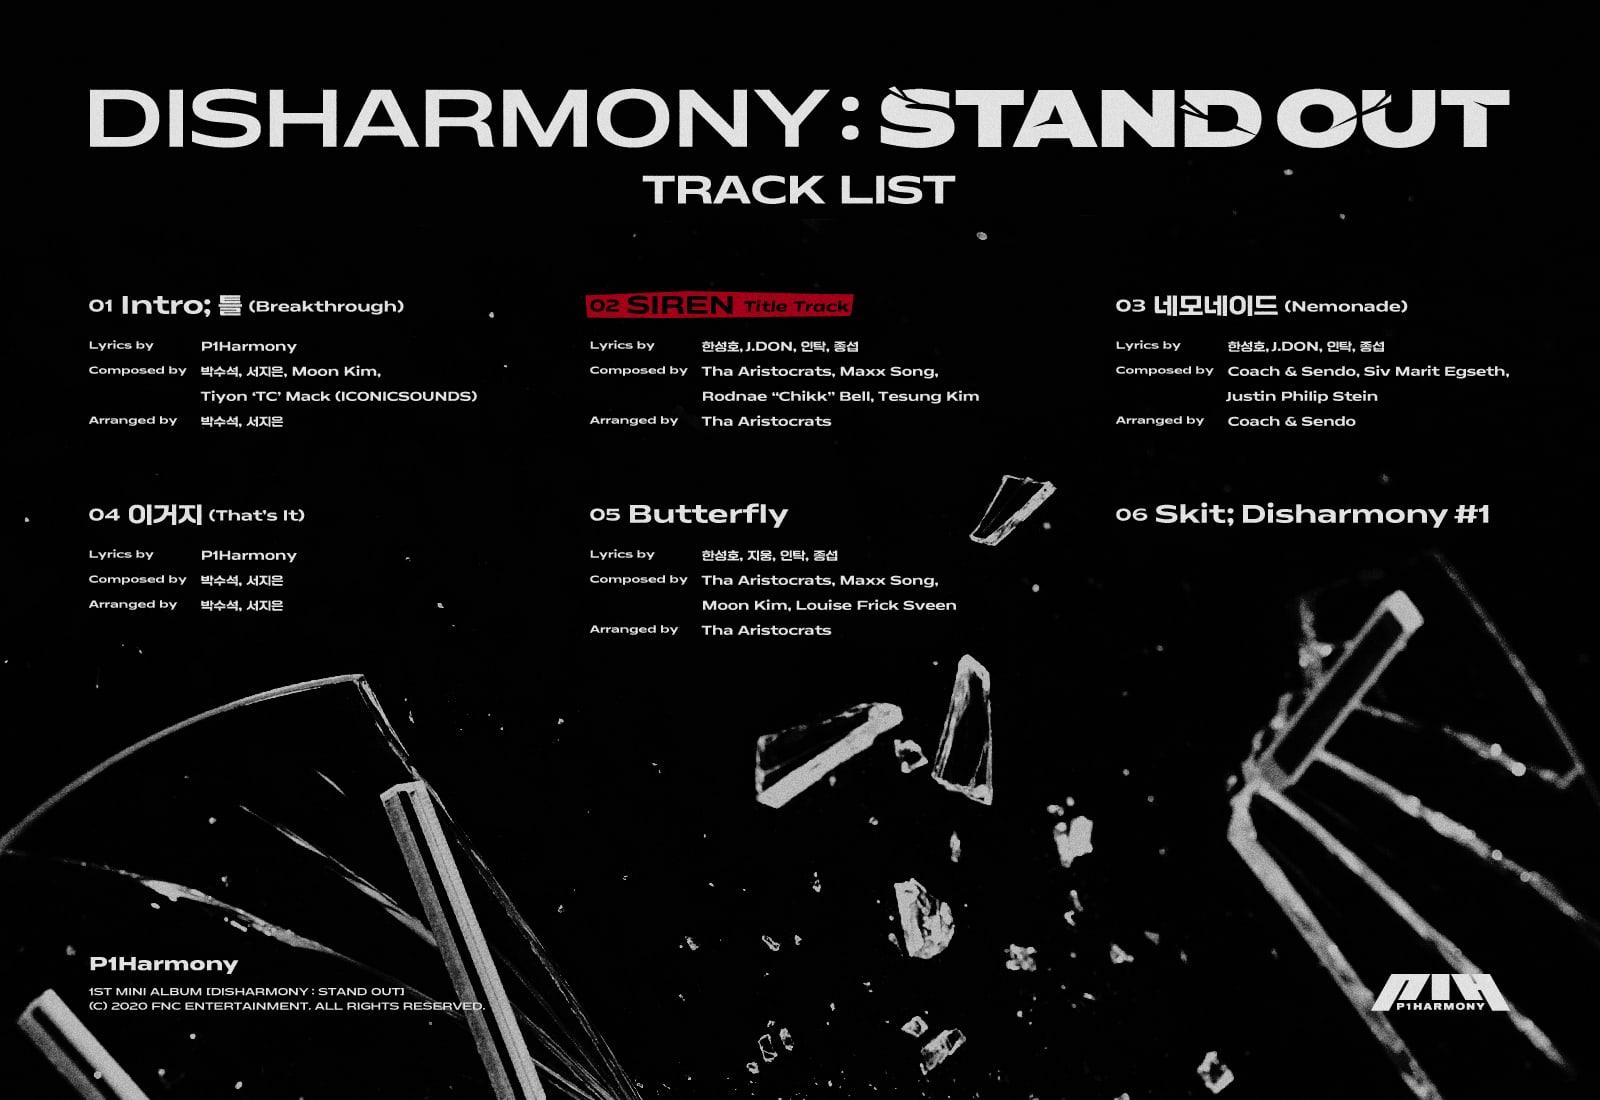 p1harmony5